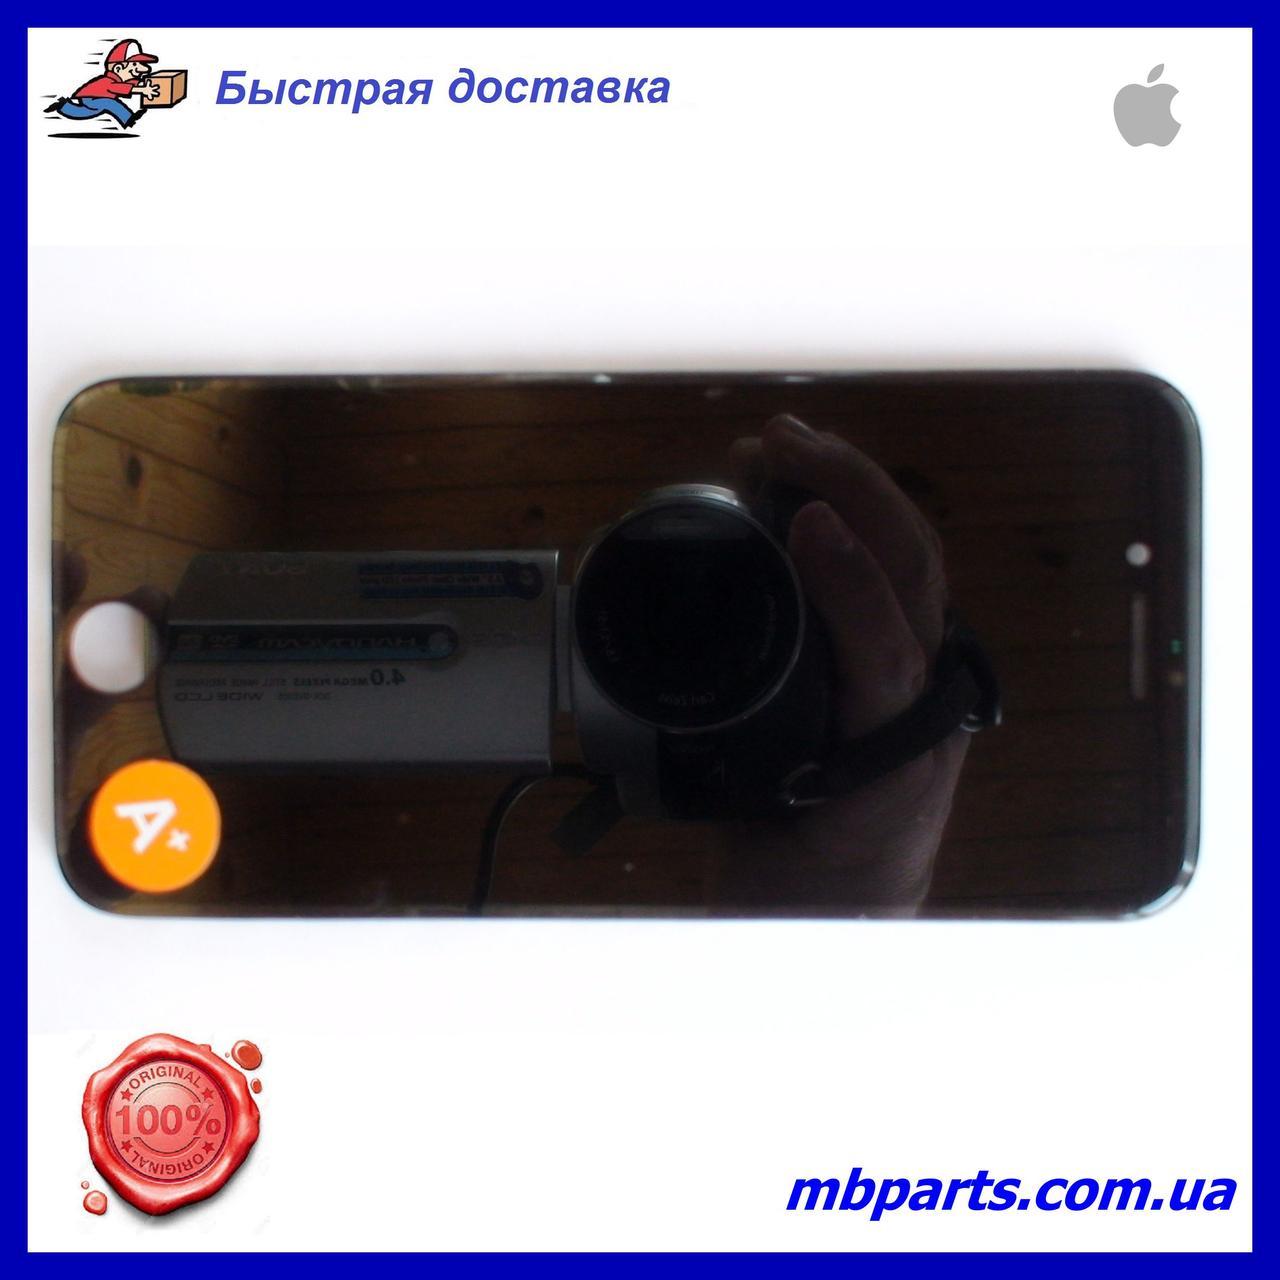 """Дисплей iPhone 8 (4,7"""") Black, оригінал з рамкою (відновлене скло)"""